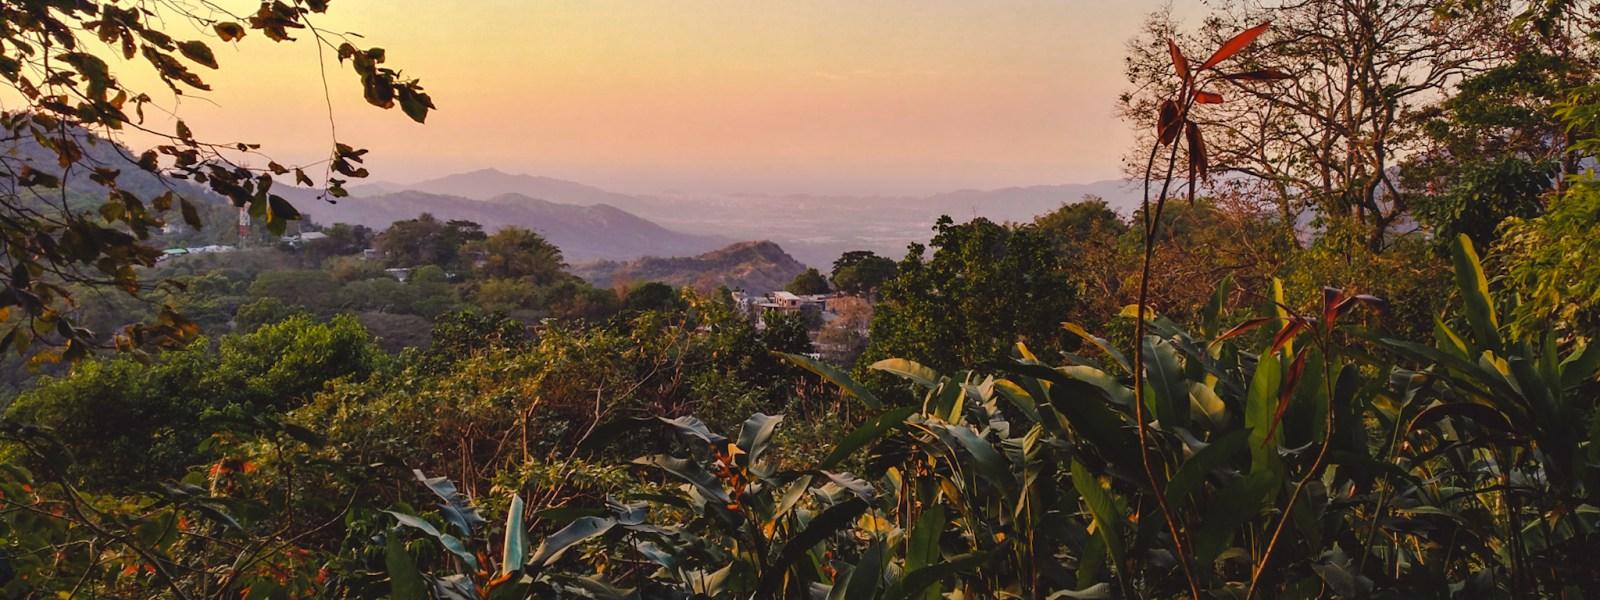 Bezoek het bergstadje Minca in Colombia